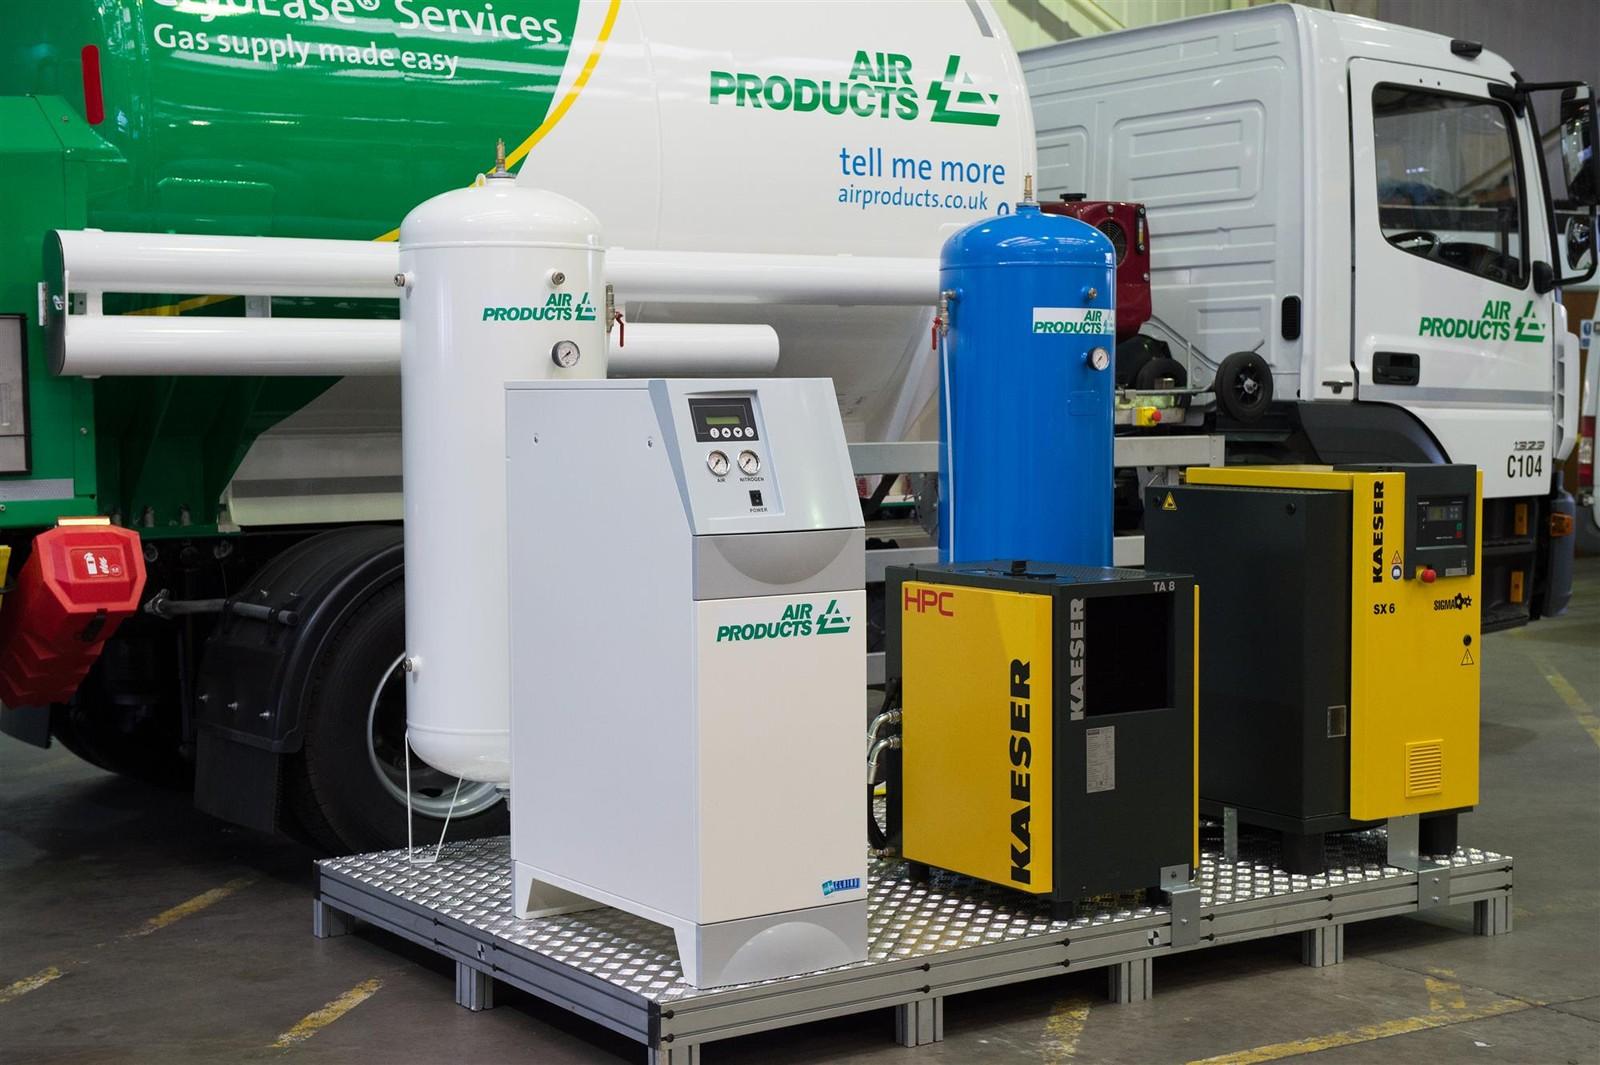 Air Products erweitert sein Angebot an Prism-Lösungen für die Vor-Ort-Erzeugung von Stickstoff.